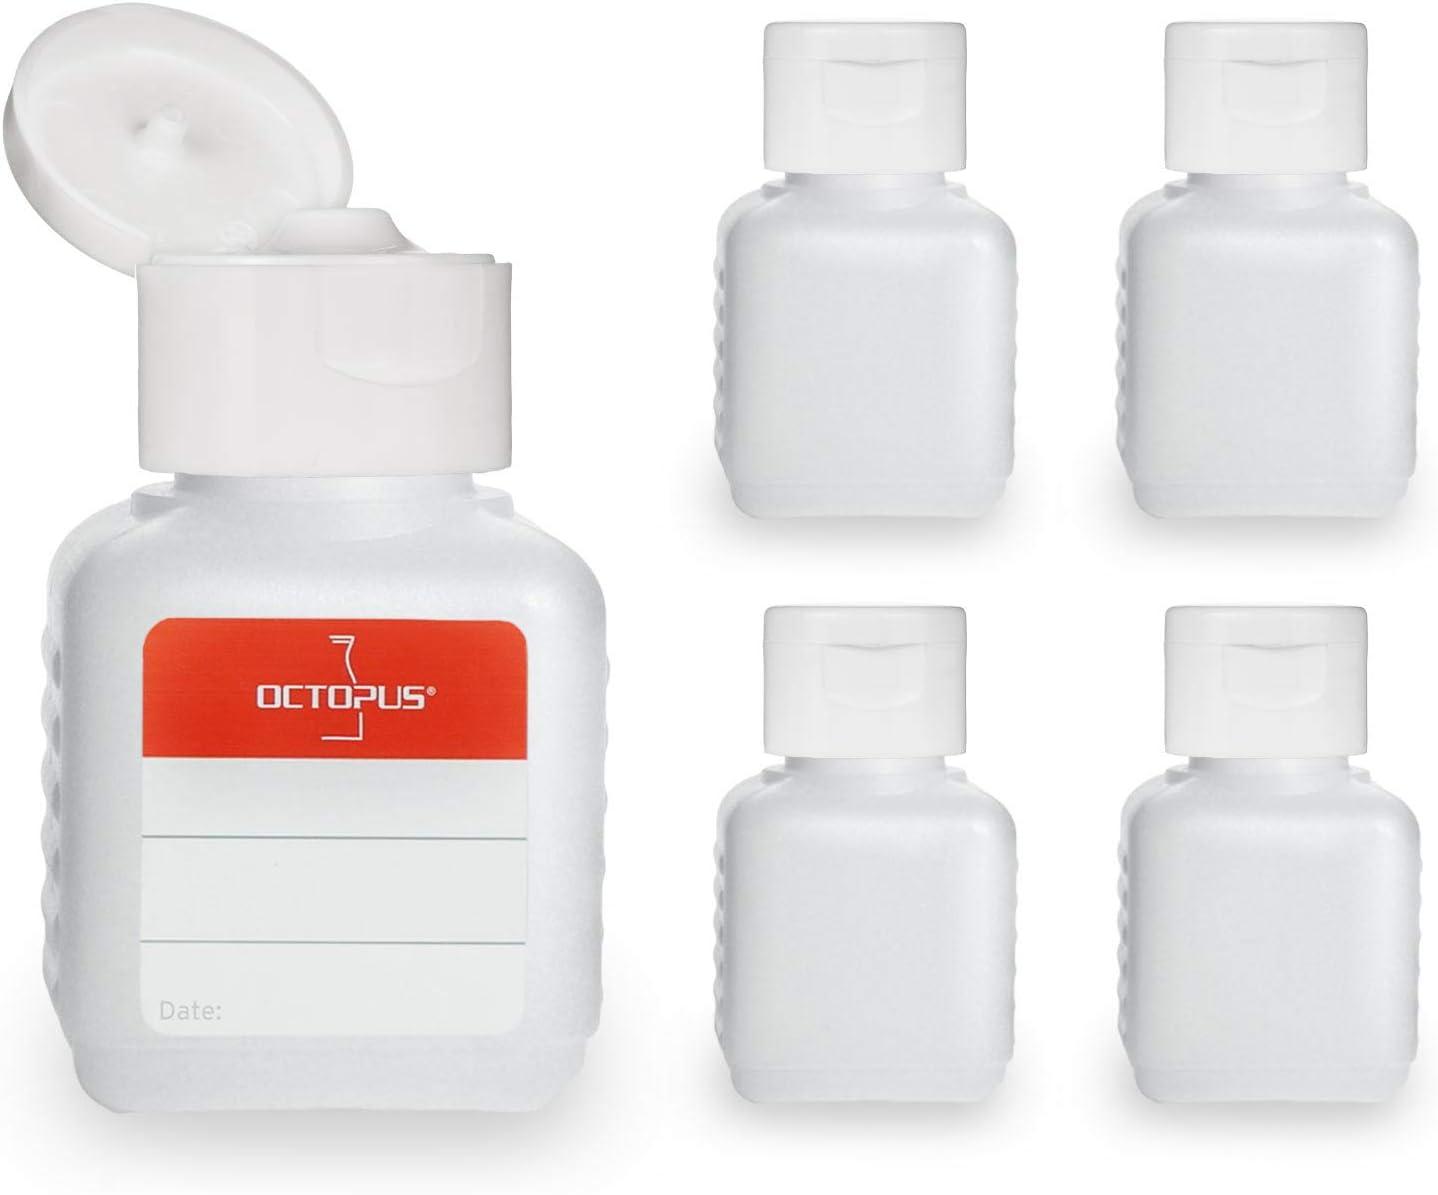 5 botellas de plástico de Octopus de 50 ml, botellas de plástico de HDPE con tapones abatibles blanco, botellas vacías con tapa abatible blanco, botellas rectangulares con 5 etiquetas para marcar